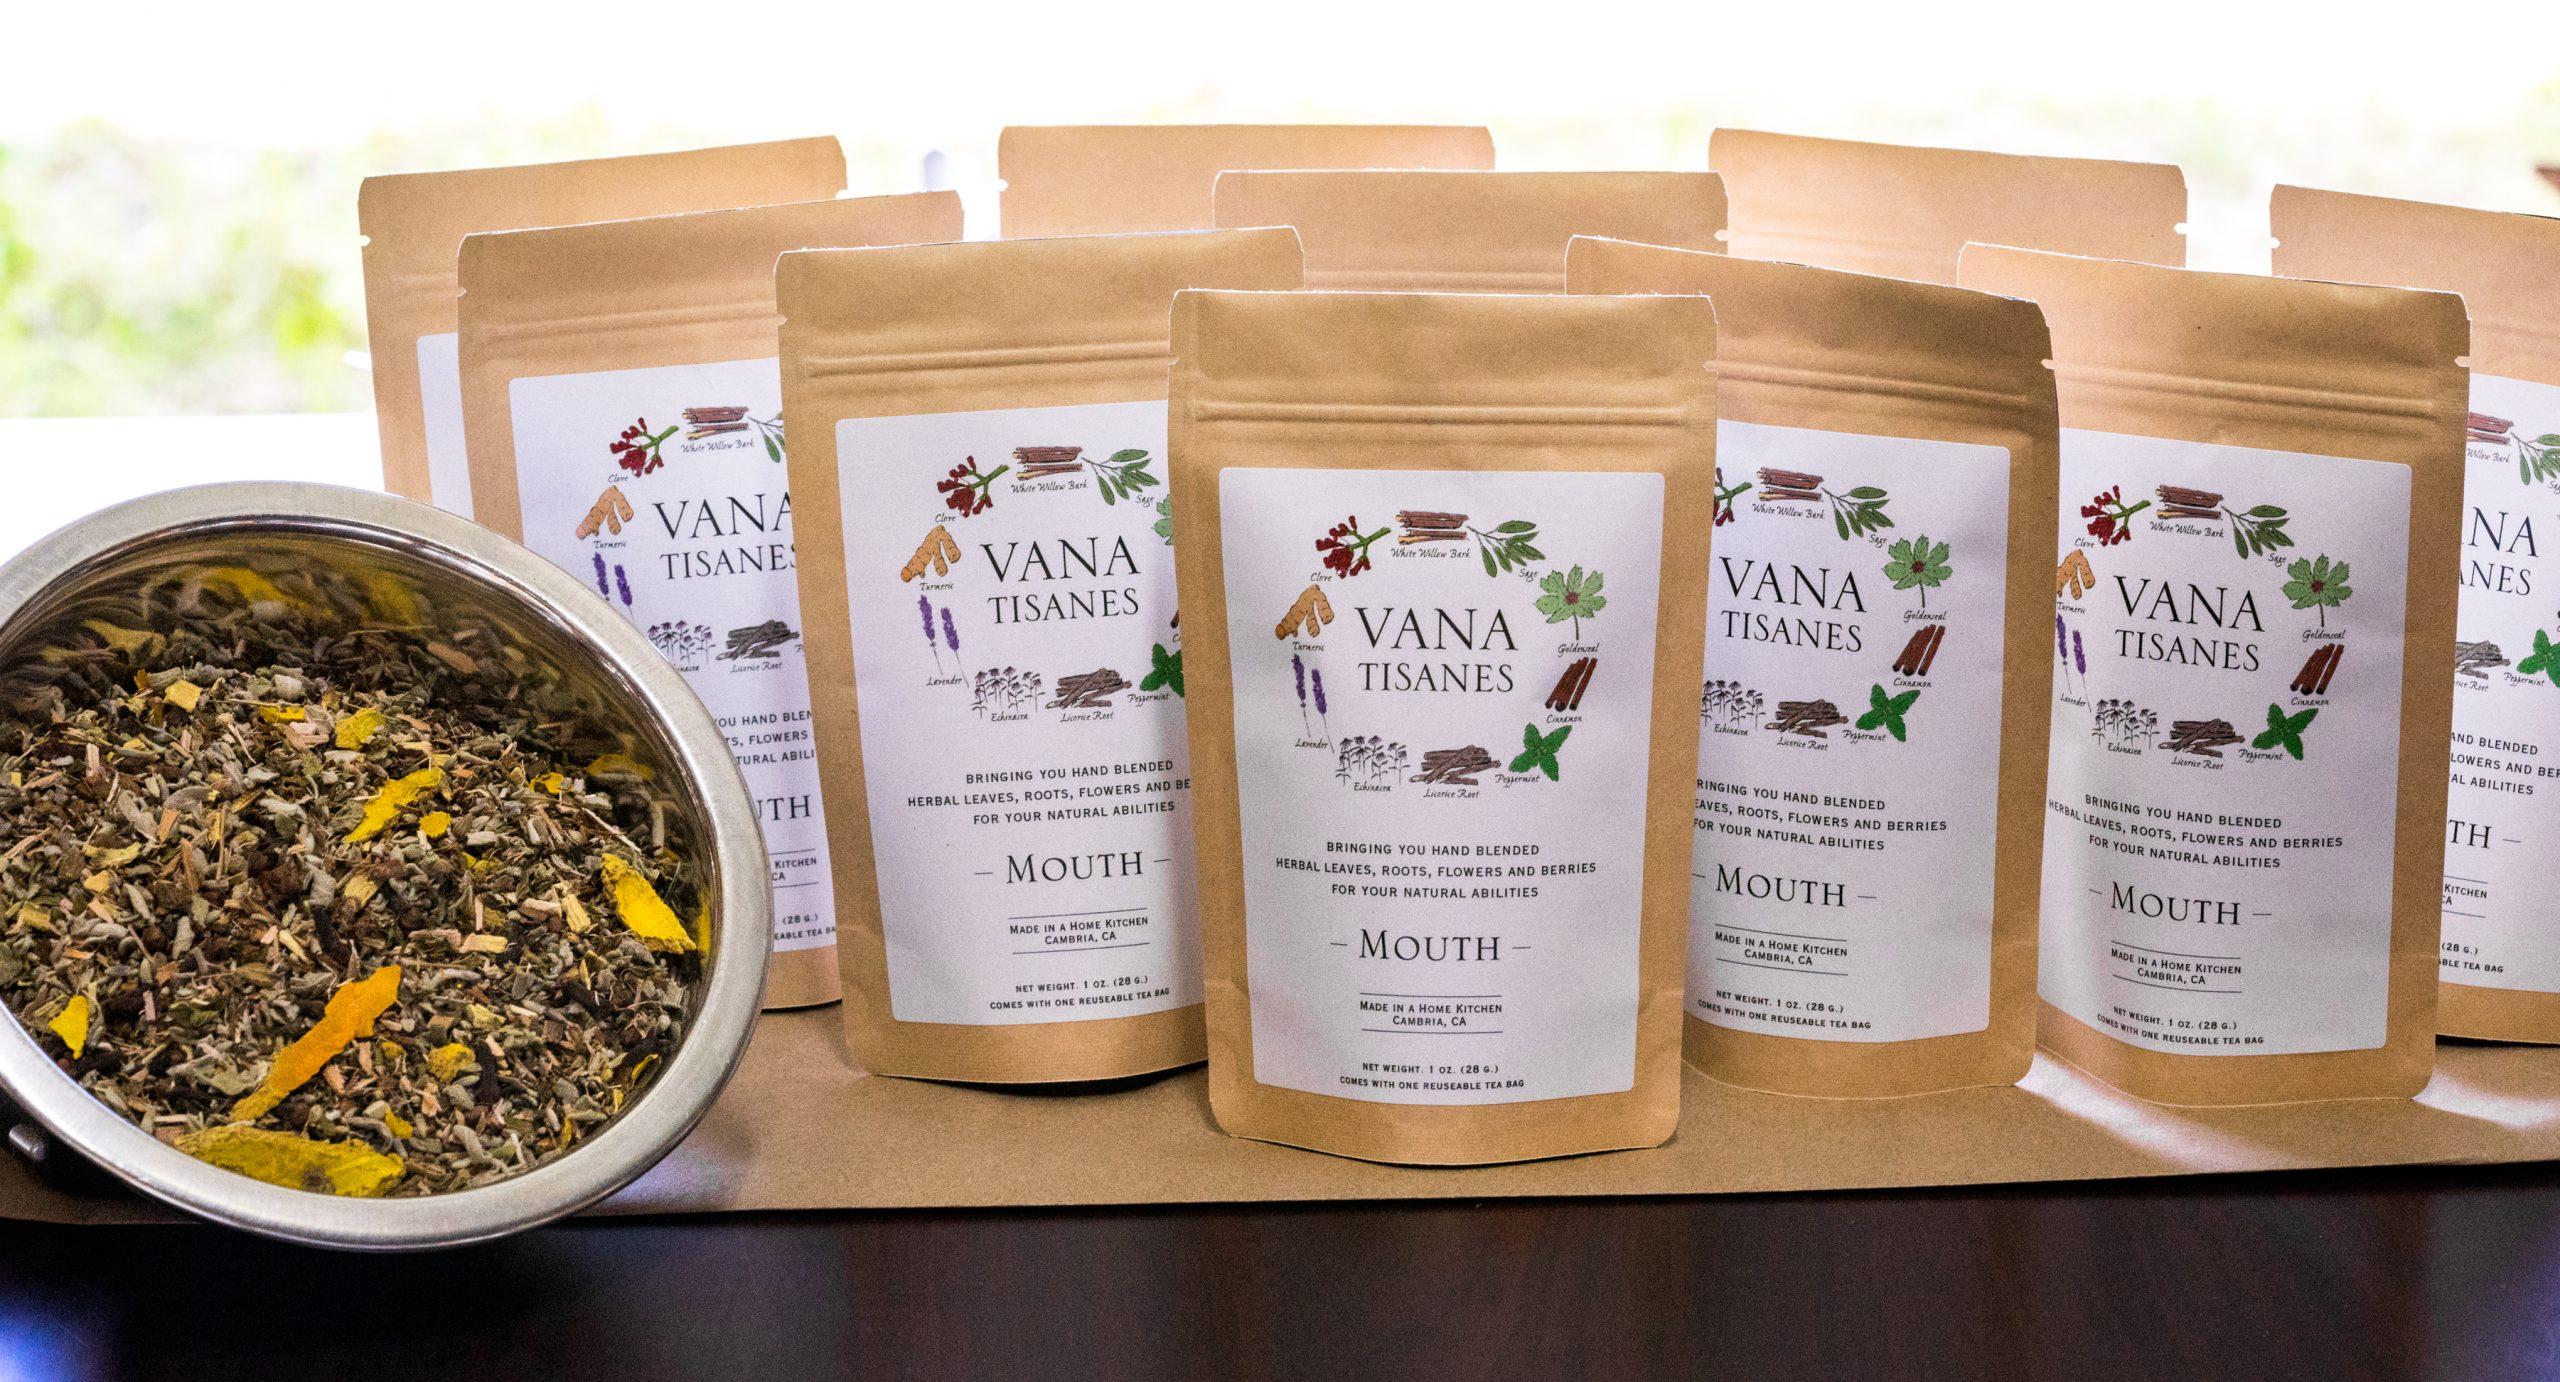 loose leaf herbal tea in bags with a bowl full of loose leaf tea